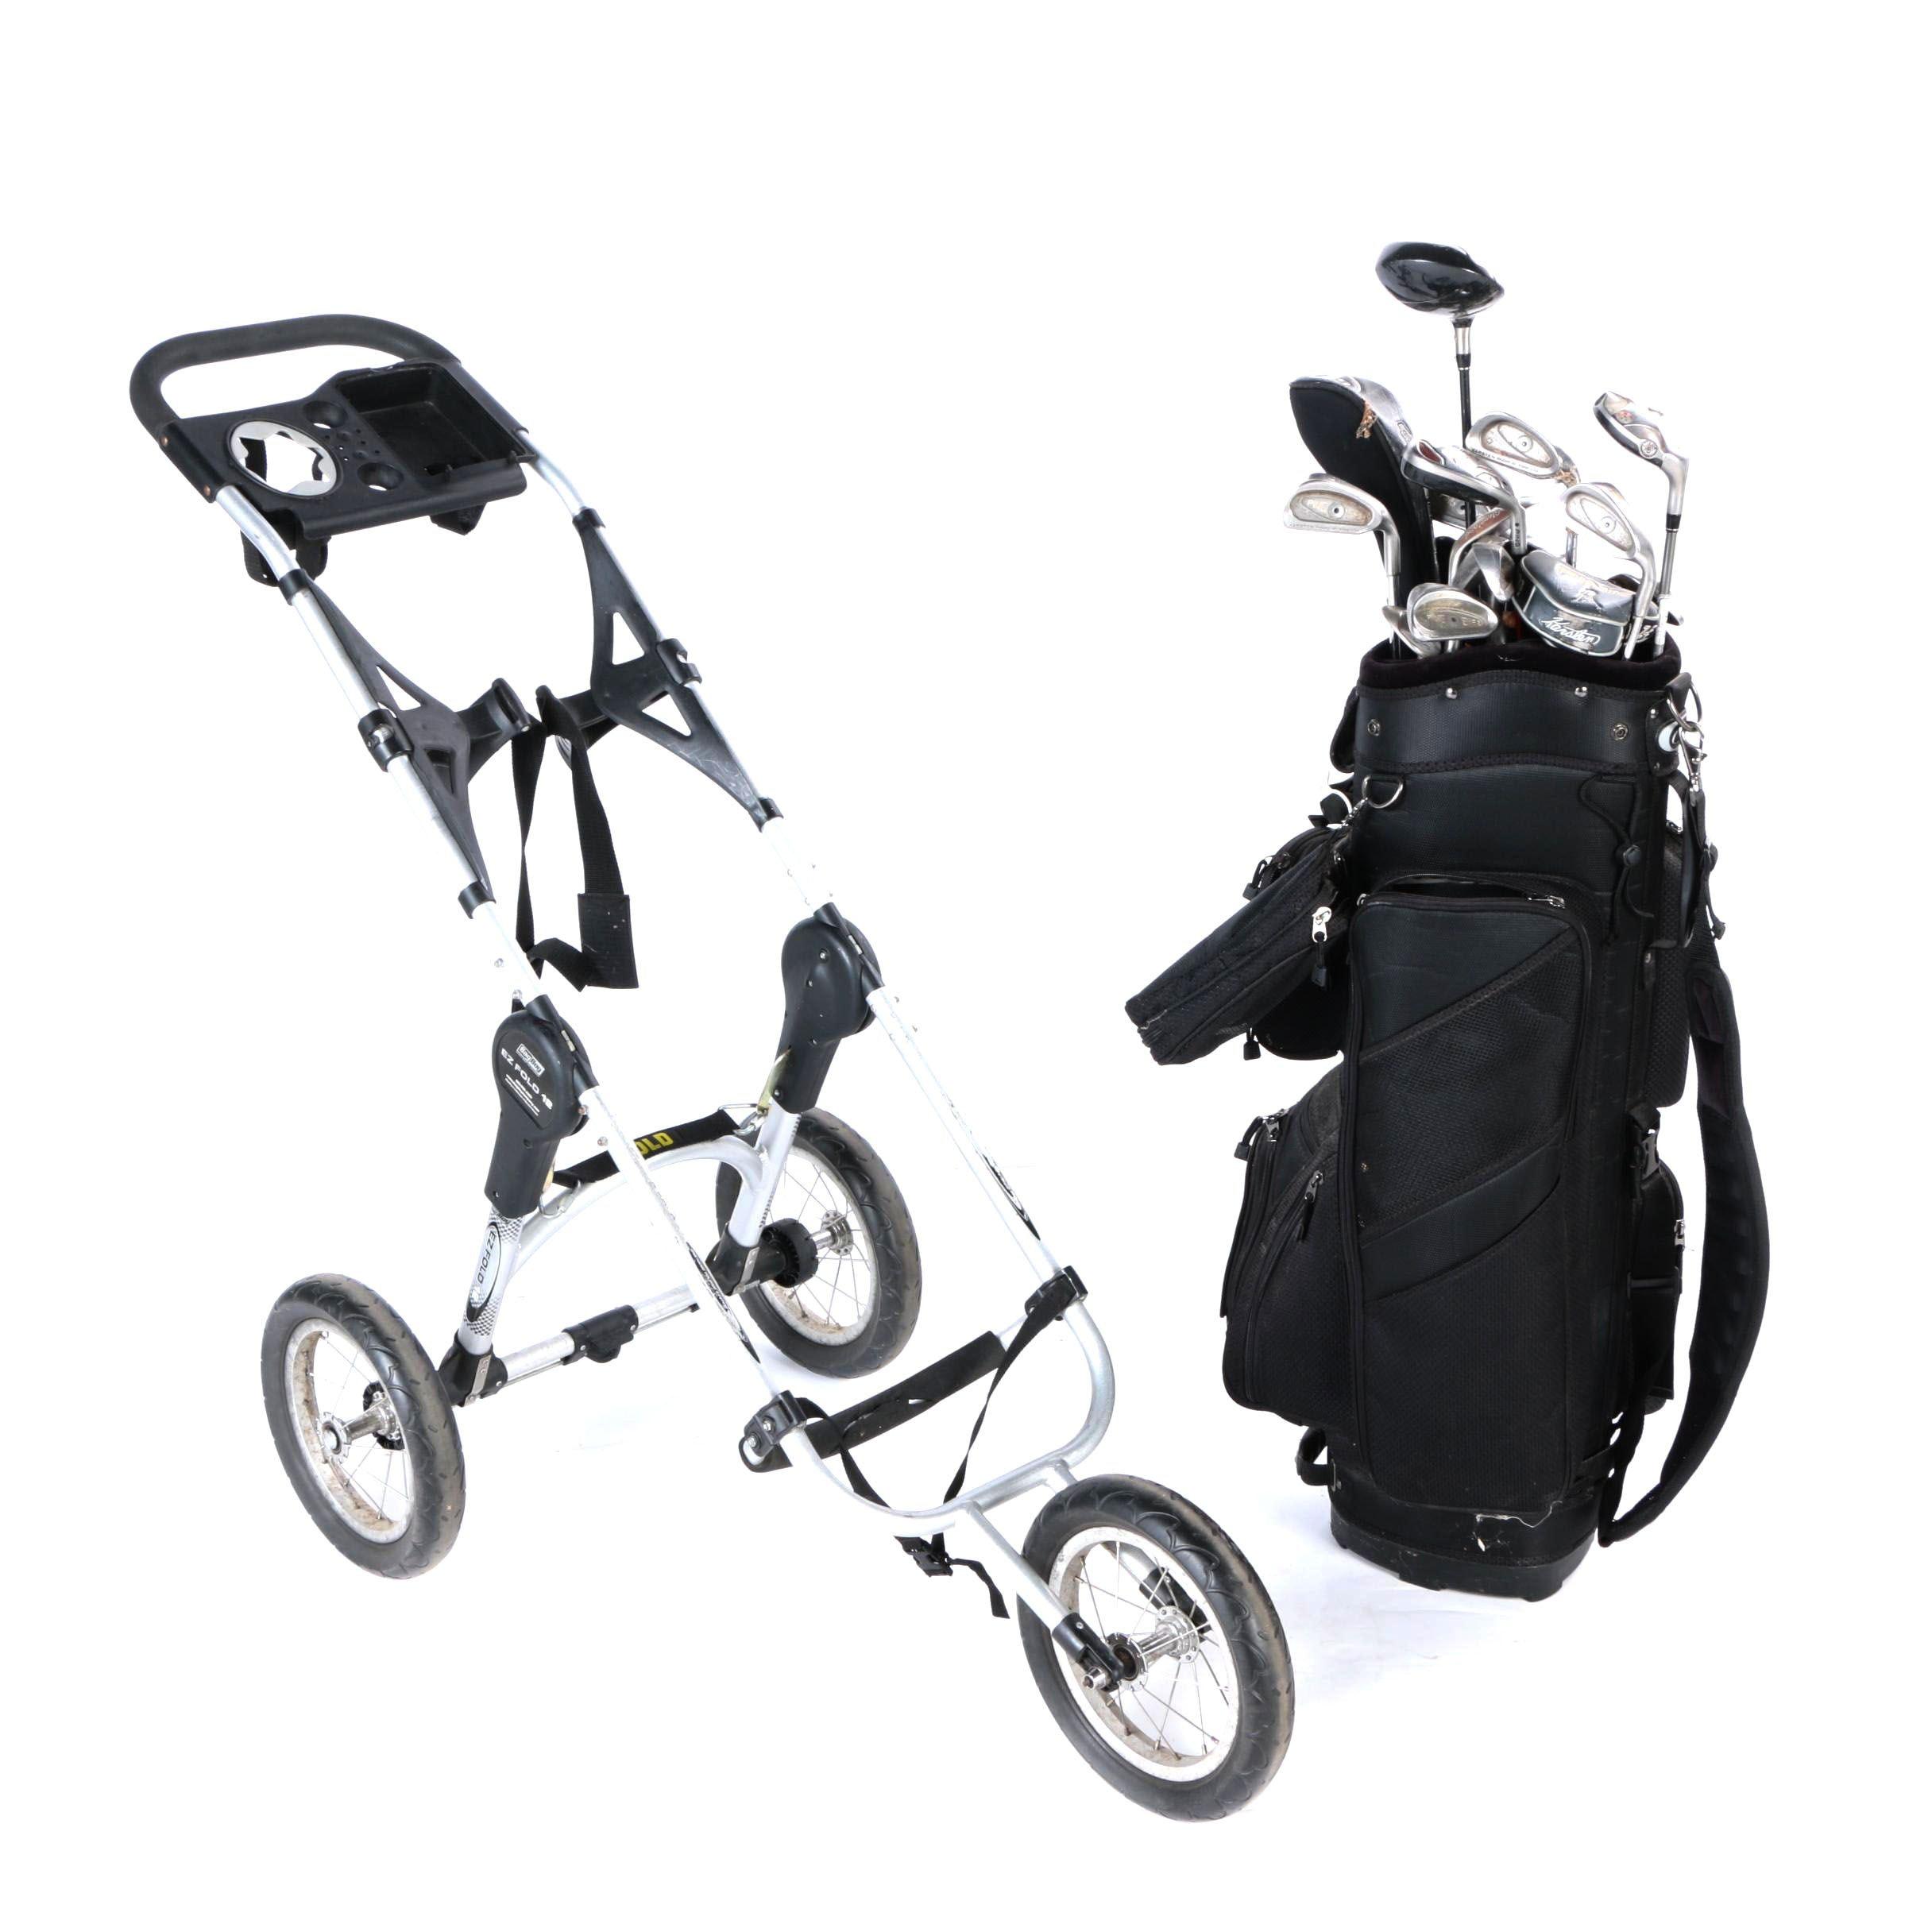 Bag Boy EZ Fold 12 Push Cart with Calina Golf Bag and Clubs